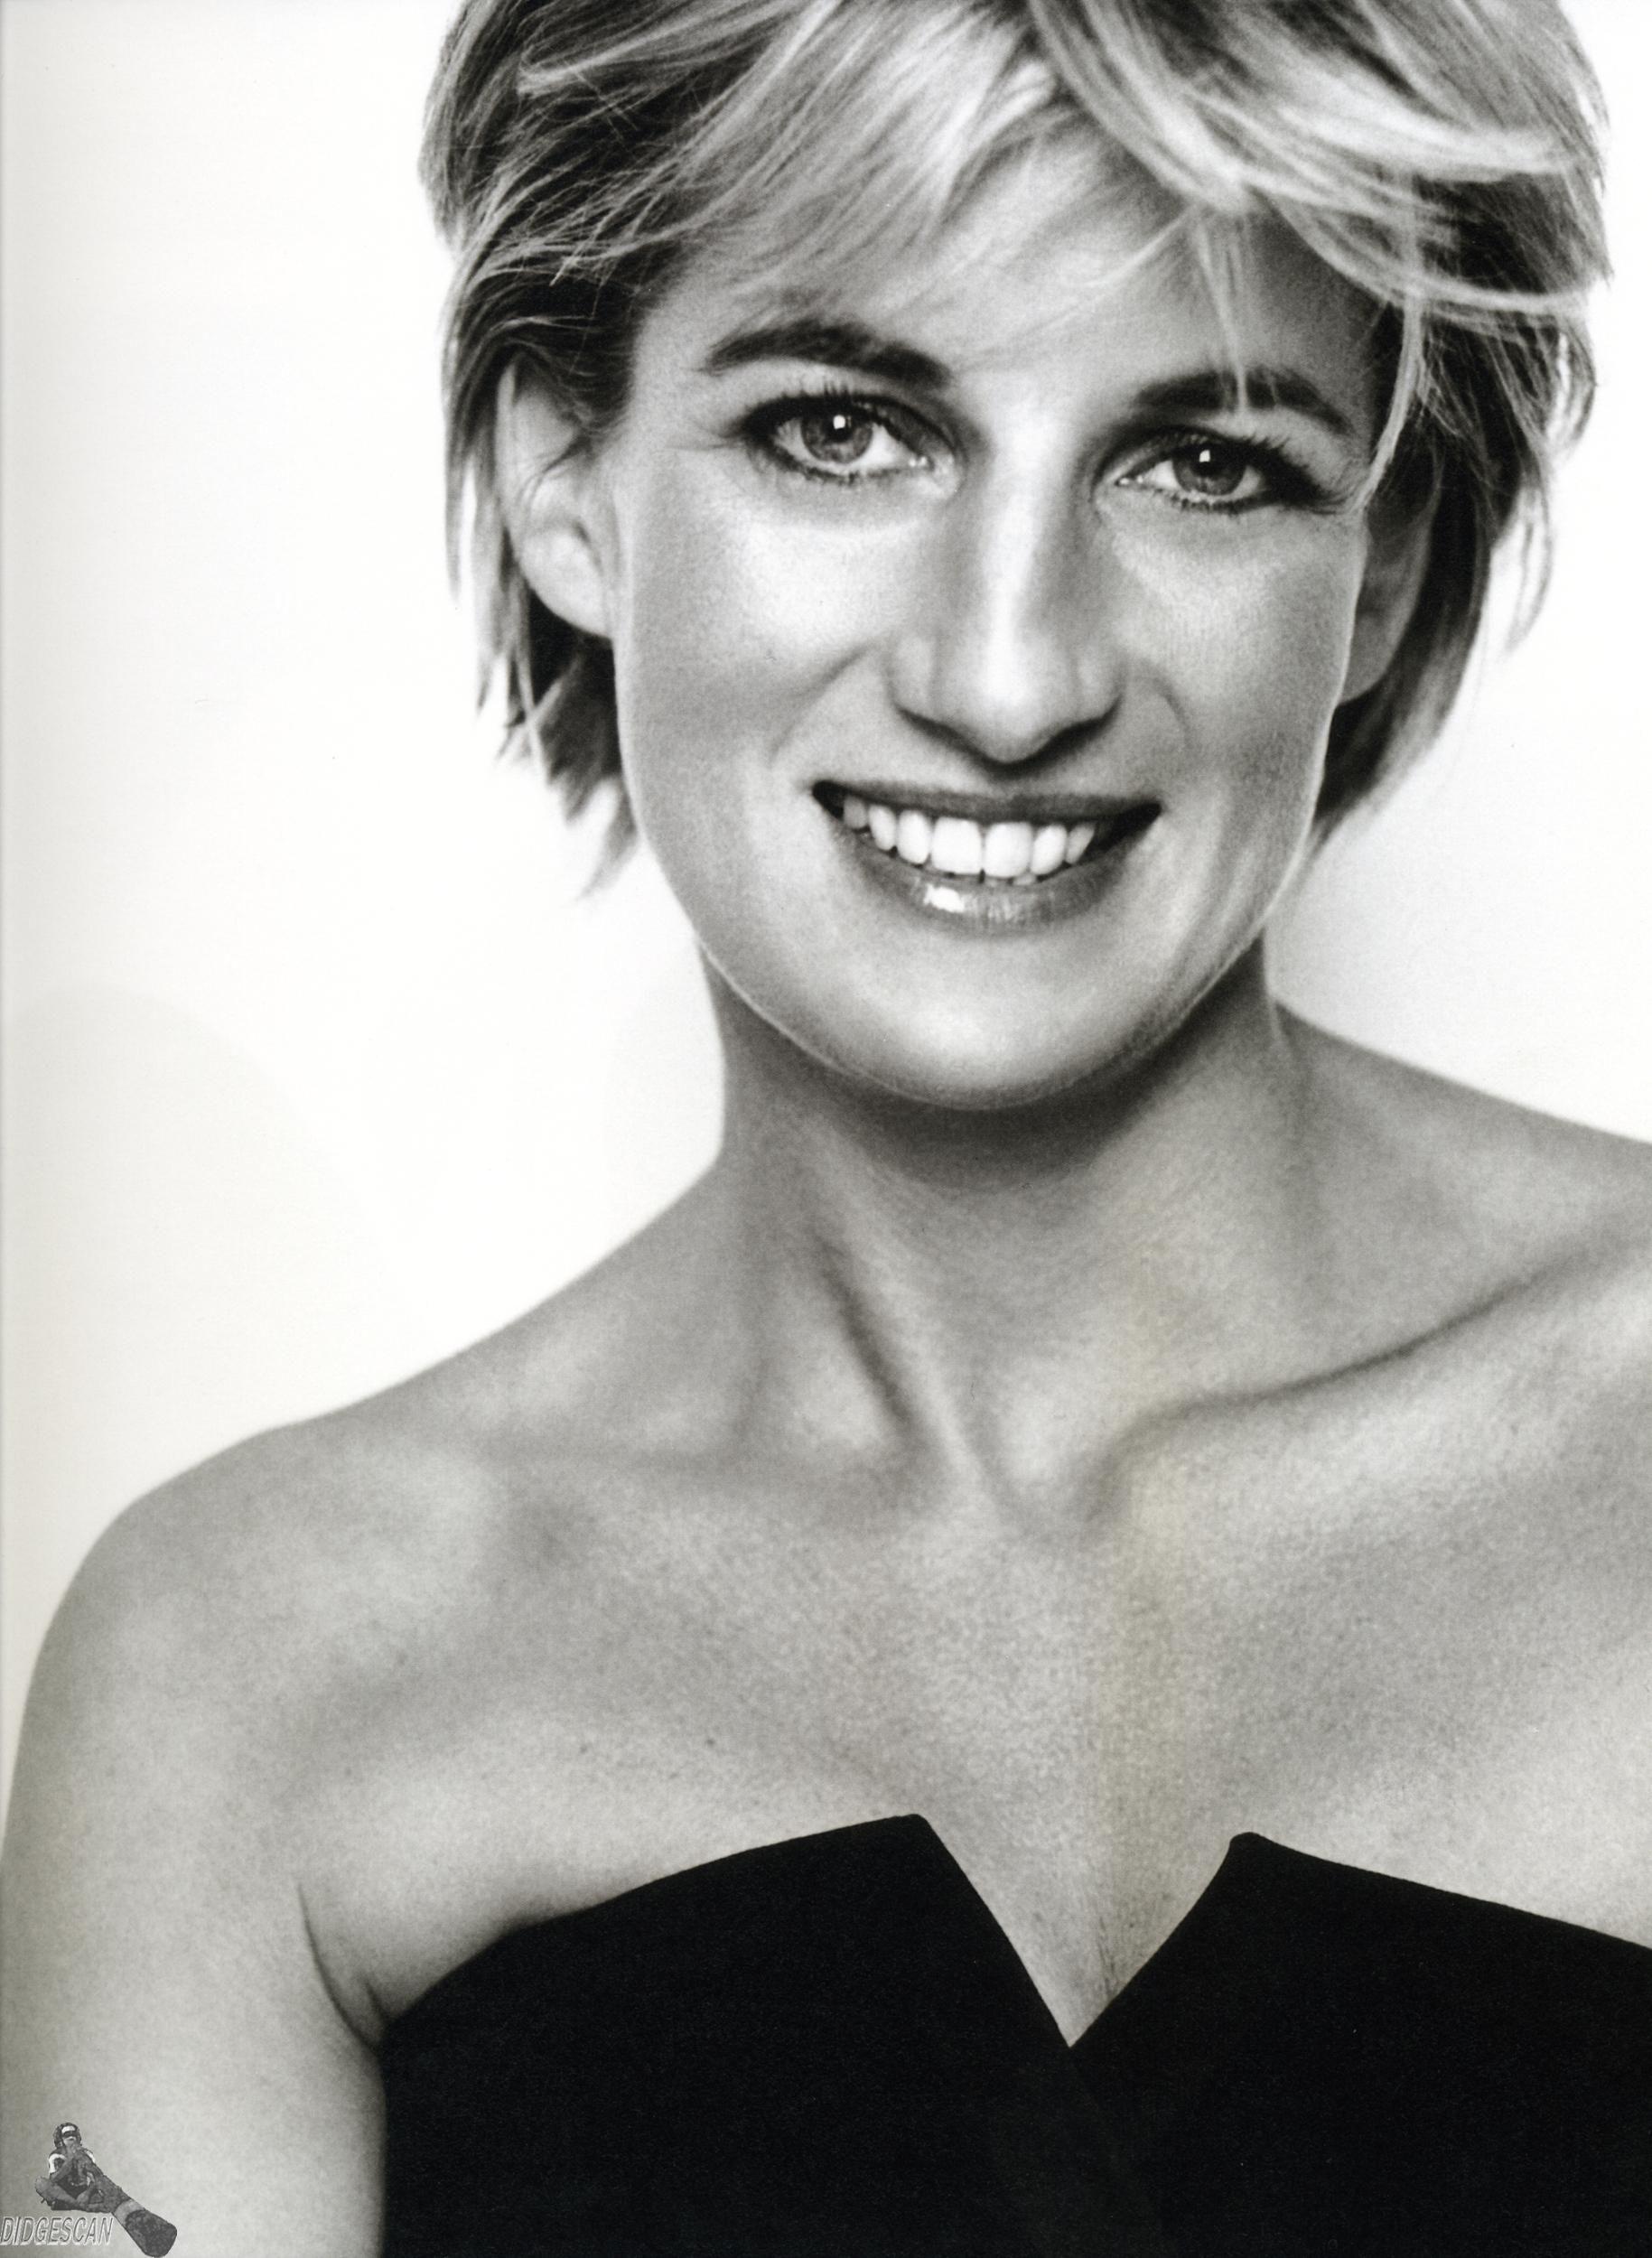 Księżna Diana nadal w sercach Brytyjczyków. http